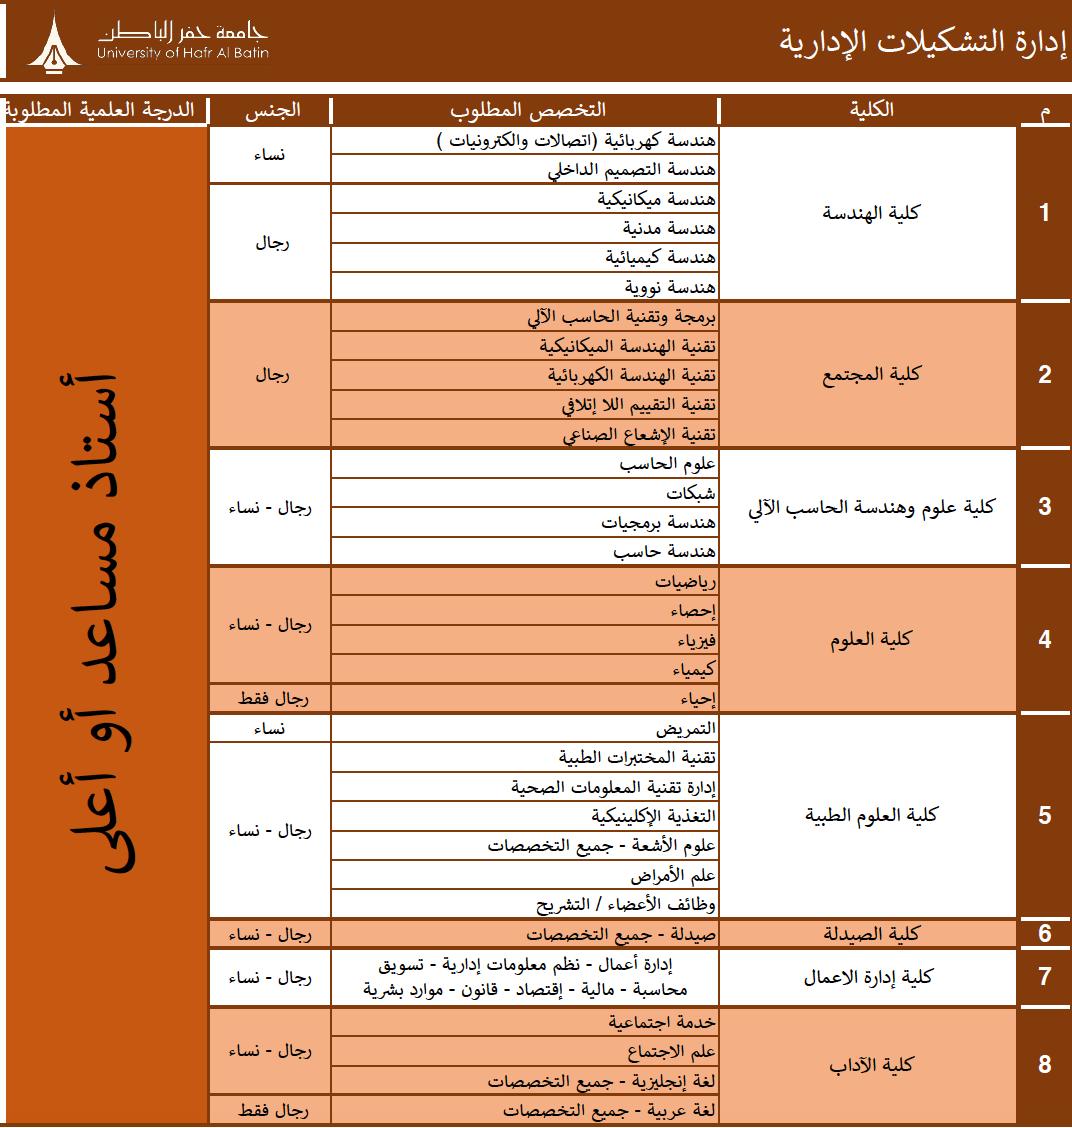 سجلات الطلاب بجامعة الحفر الباطن